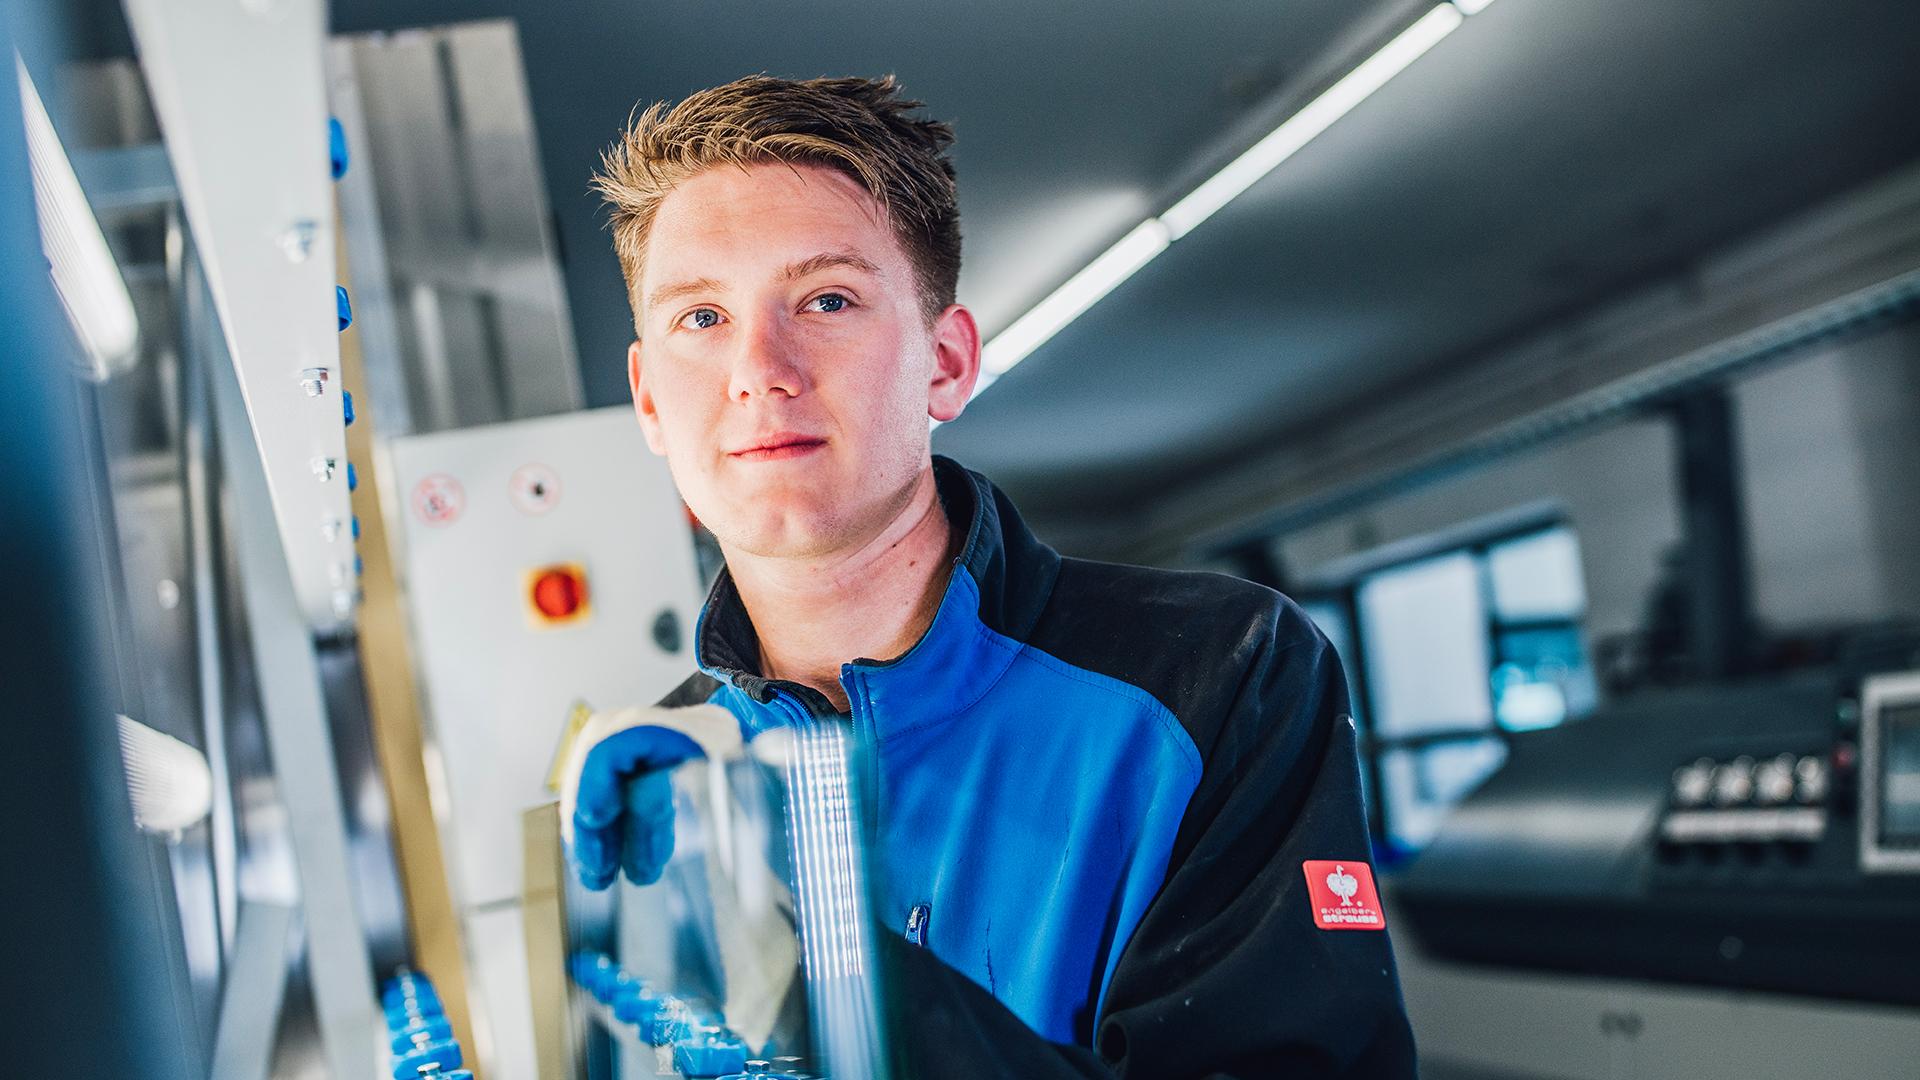 Ausbildung zum Glaser - Bau- und Kunstglaser - Glaserei Bayernglas in Wartenberg zwischen München und Landshut